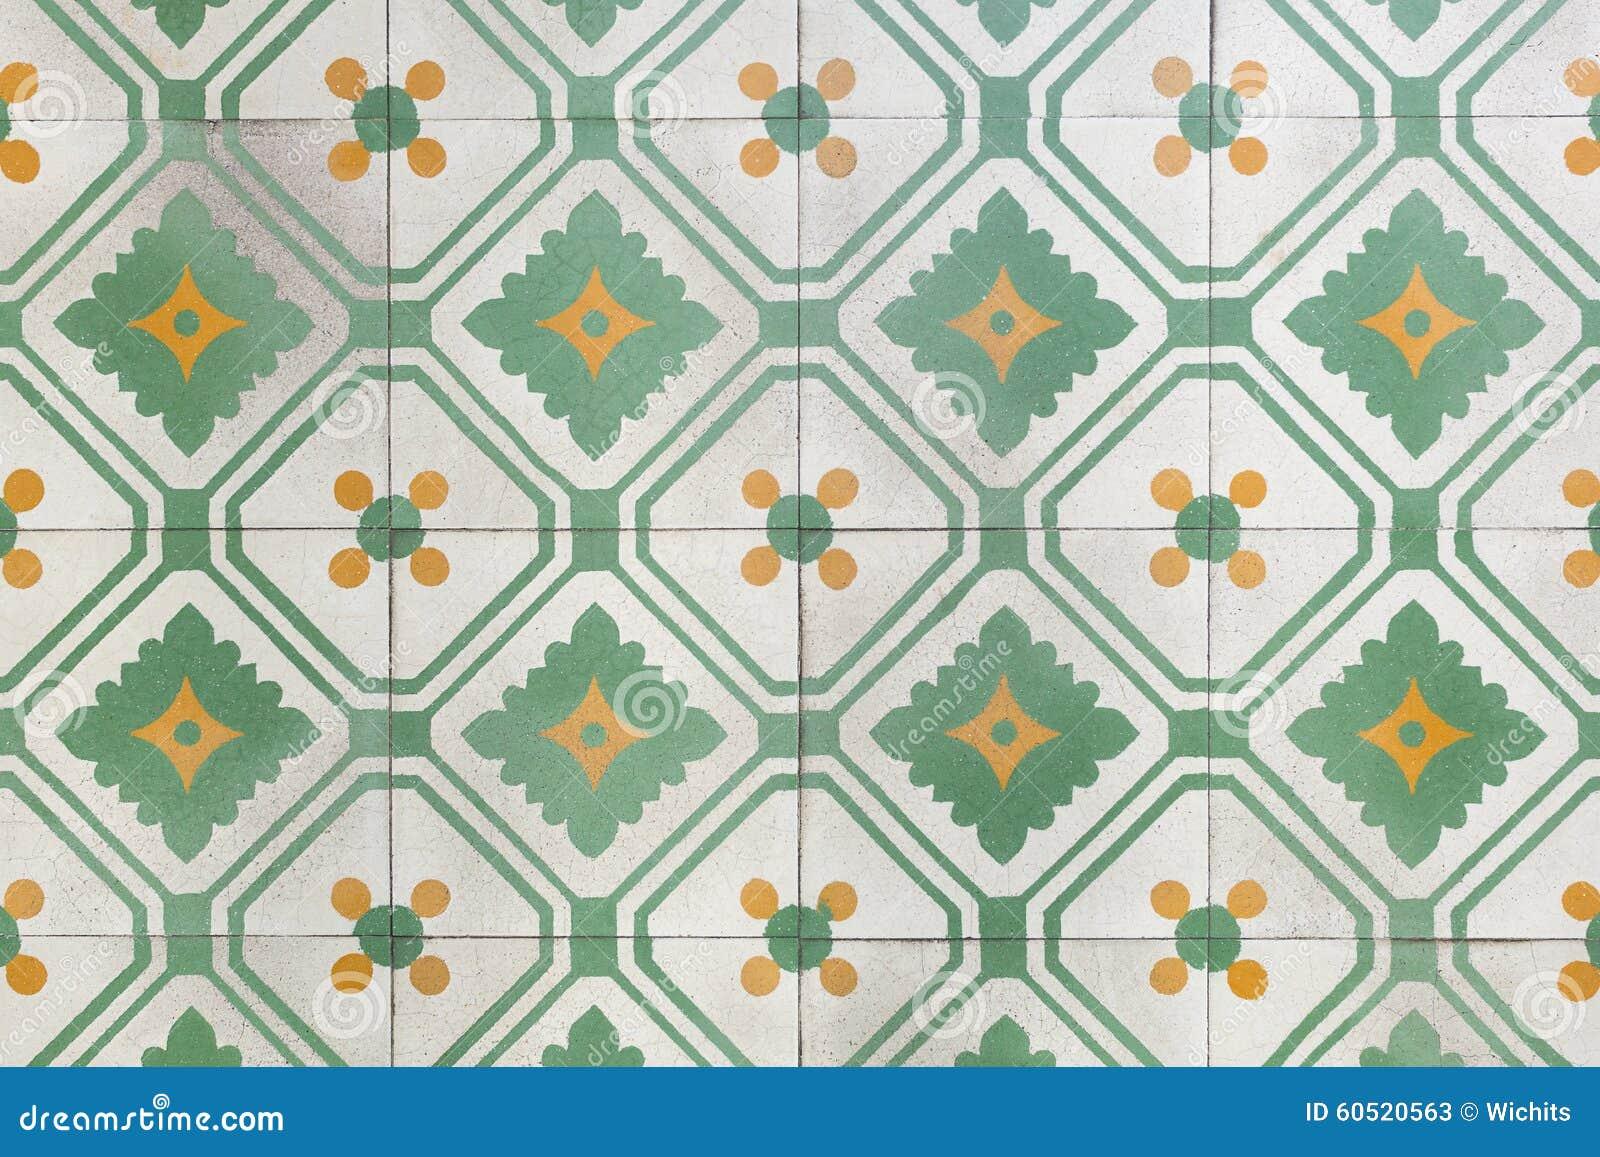 Alte Bodenfliesen Stockbild Bild Von Brokat Grun Dynastie 60520563